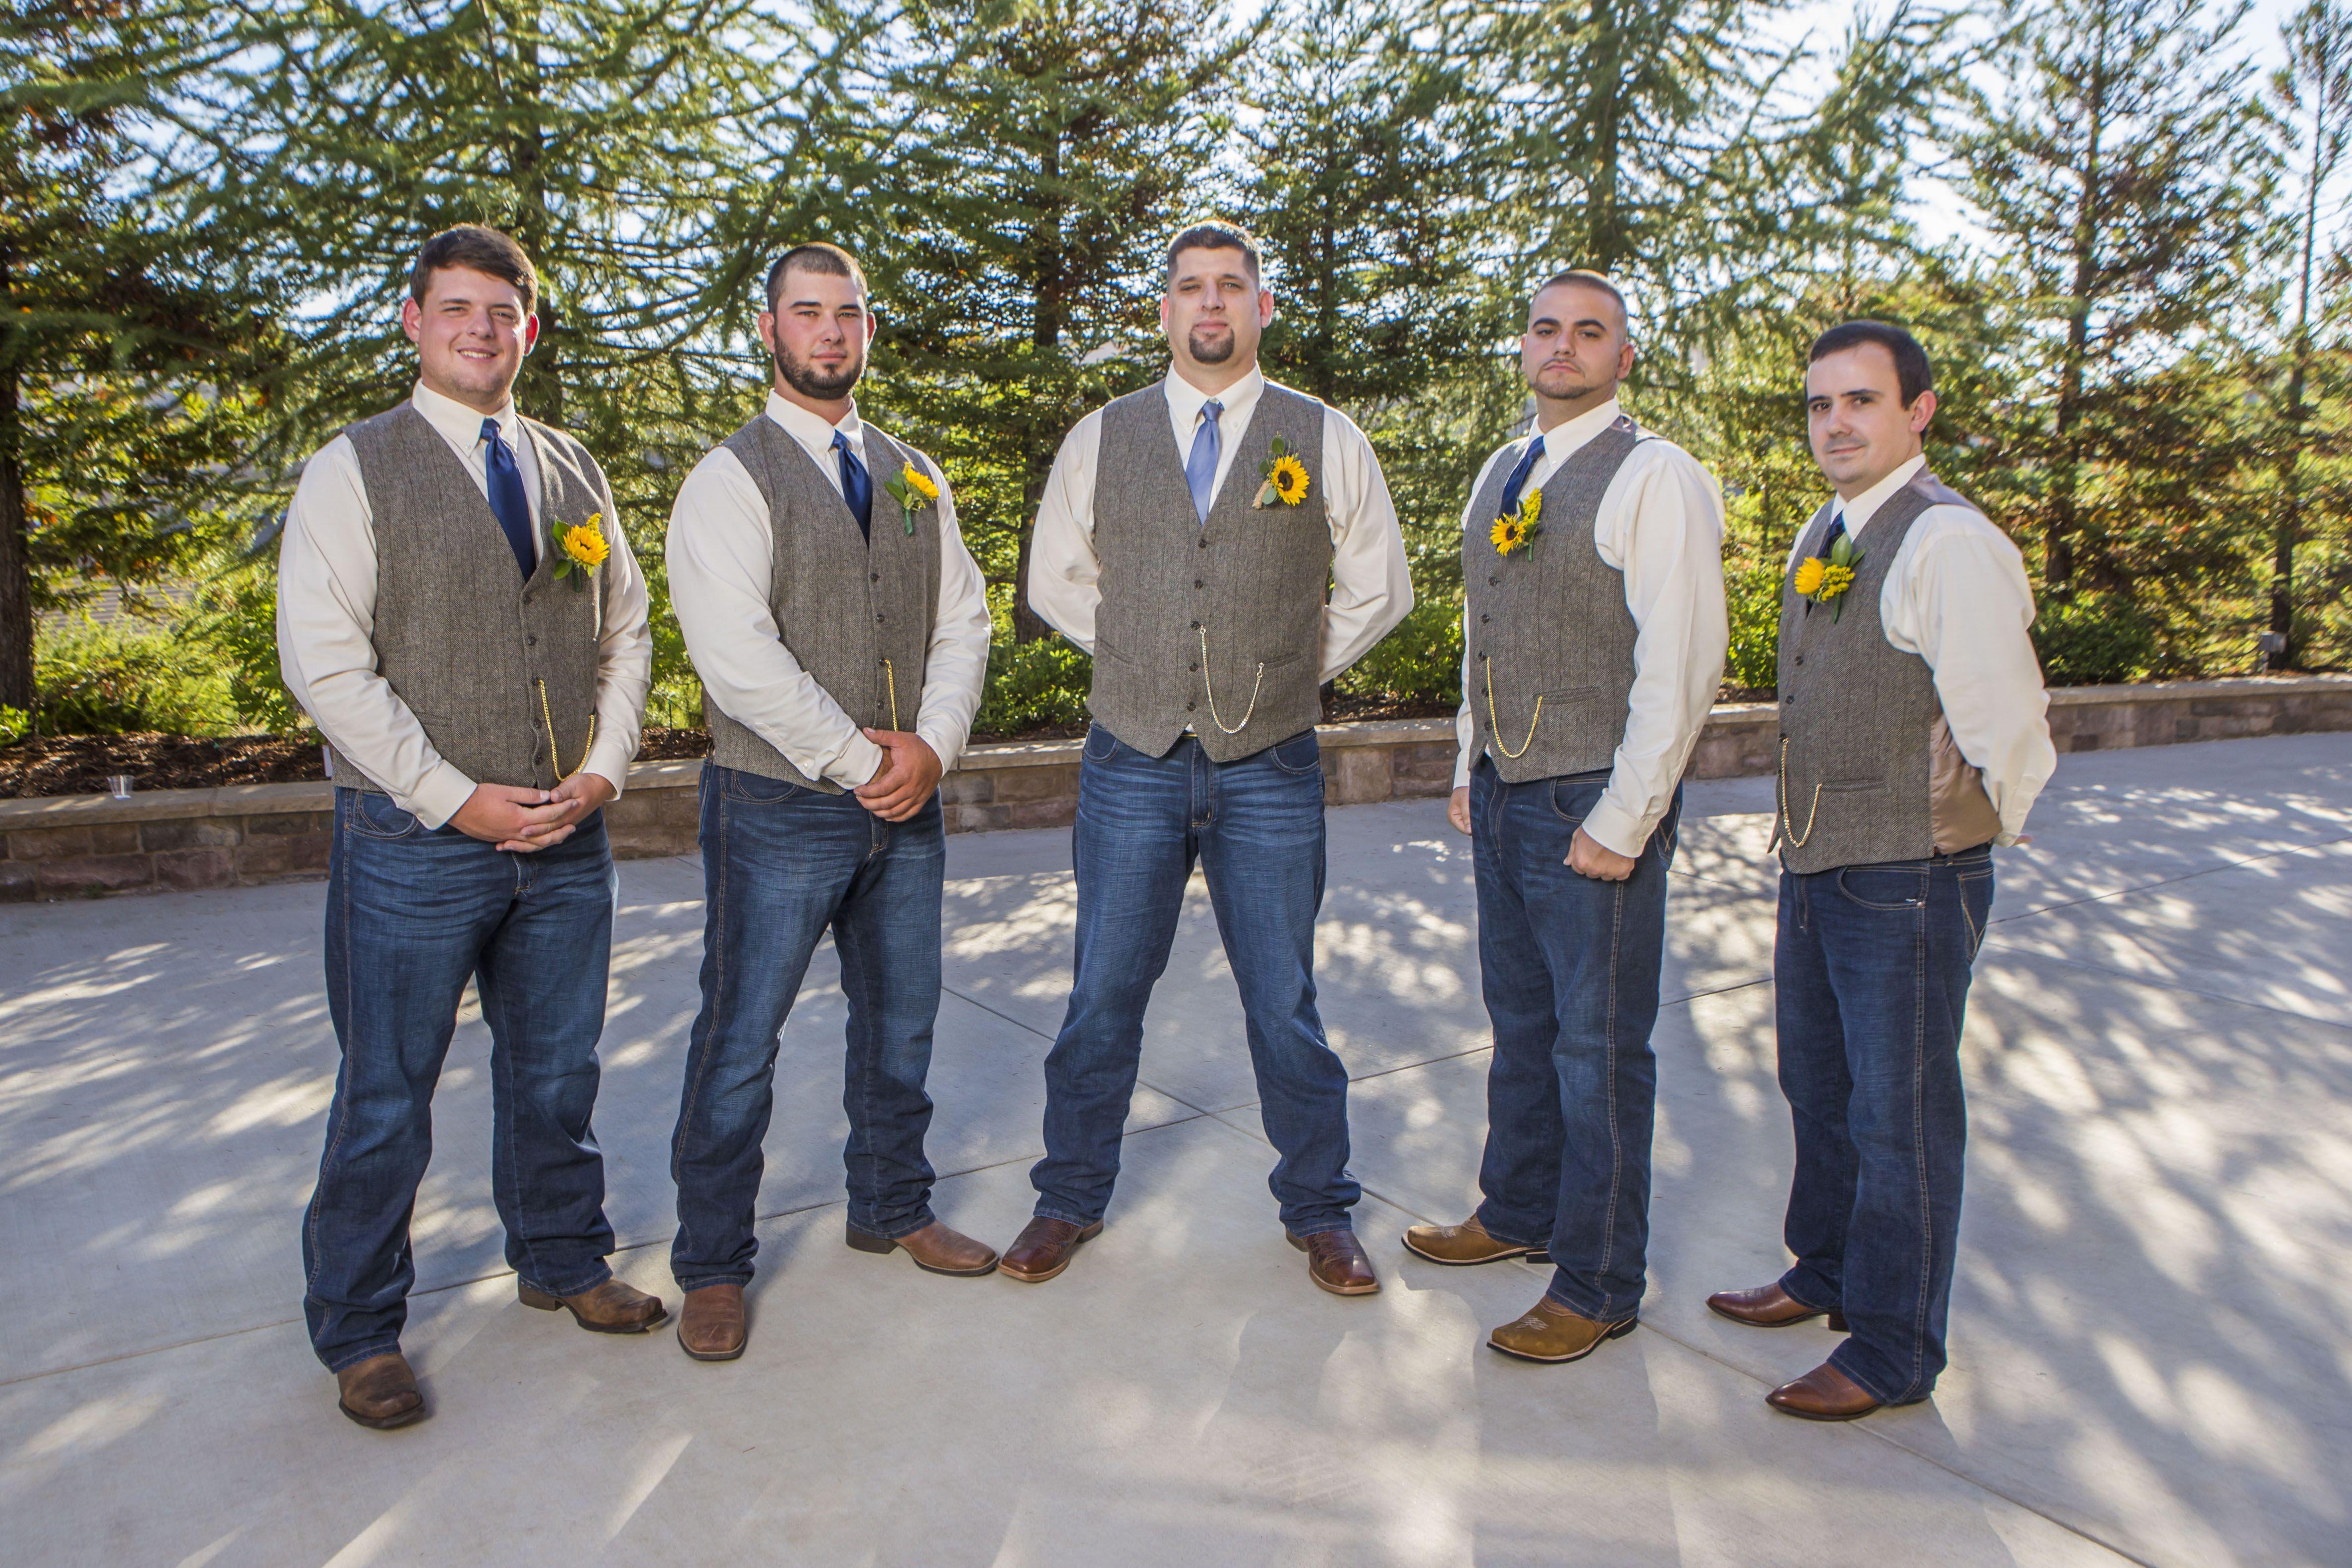 Groom/Groomsmen Attire Wrangler Jeans, Tweed Vest